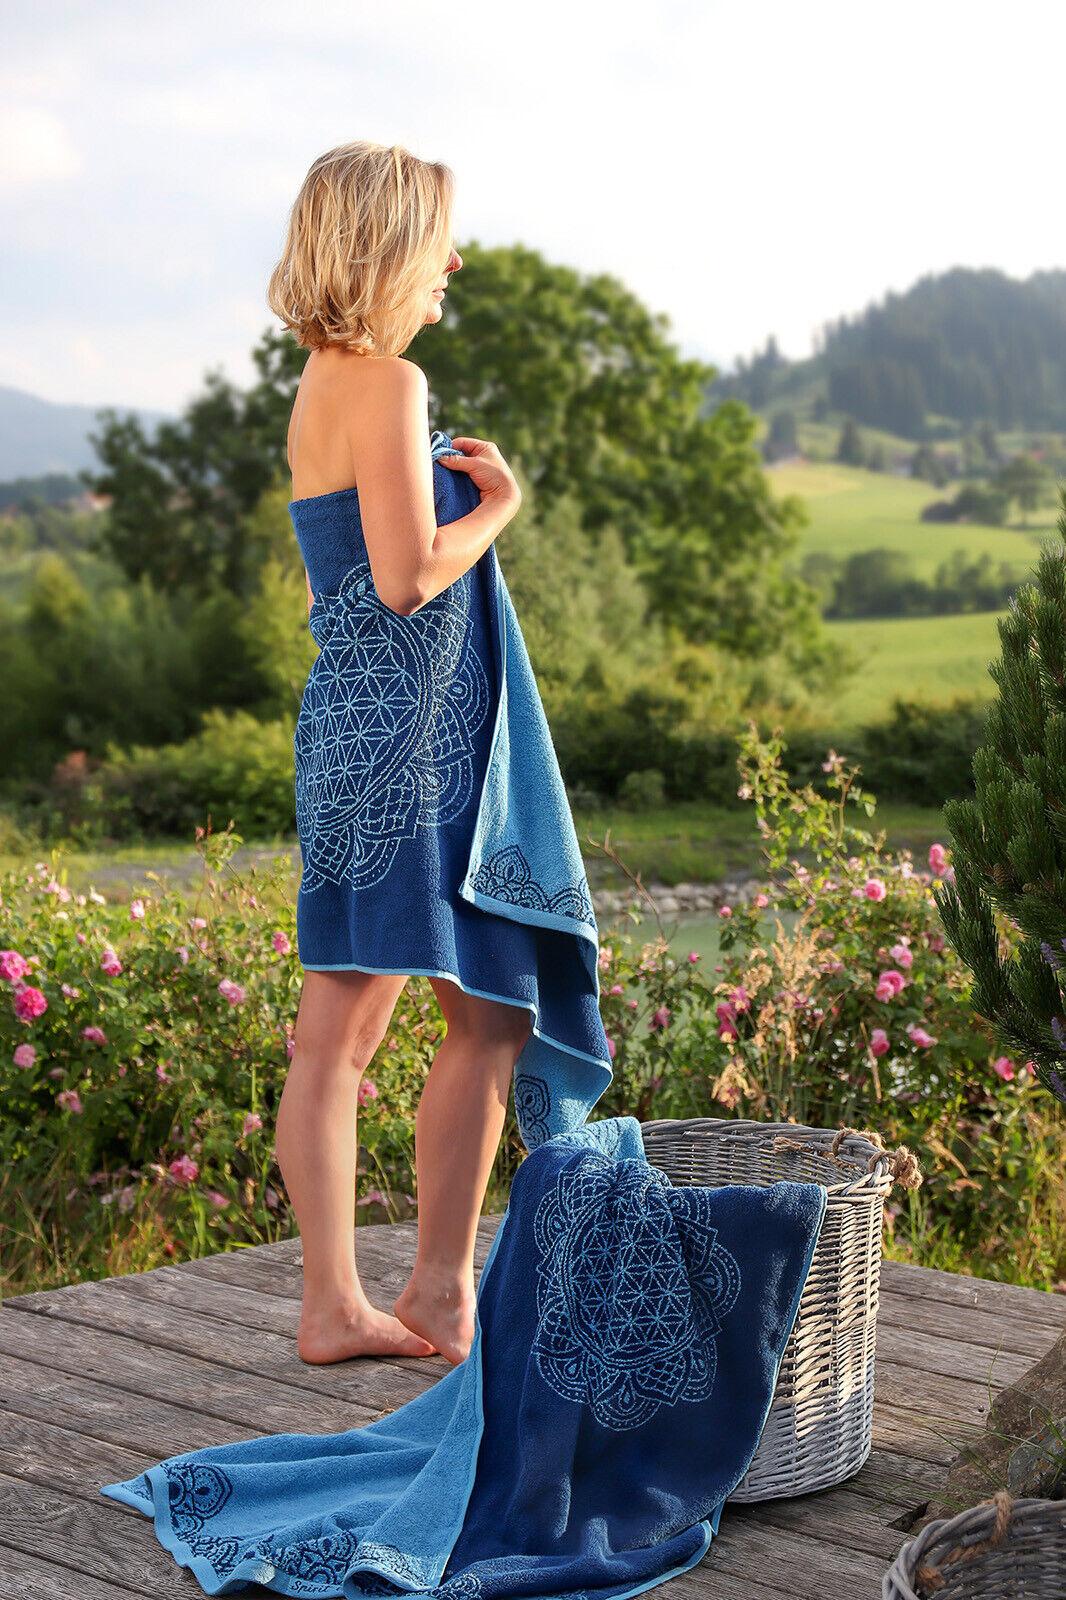 Handtuch Biobaumwolle Blau Blaume des Lebens 69 × 155 cm  Edelsteine Badetuch